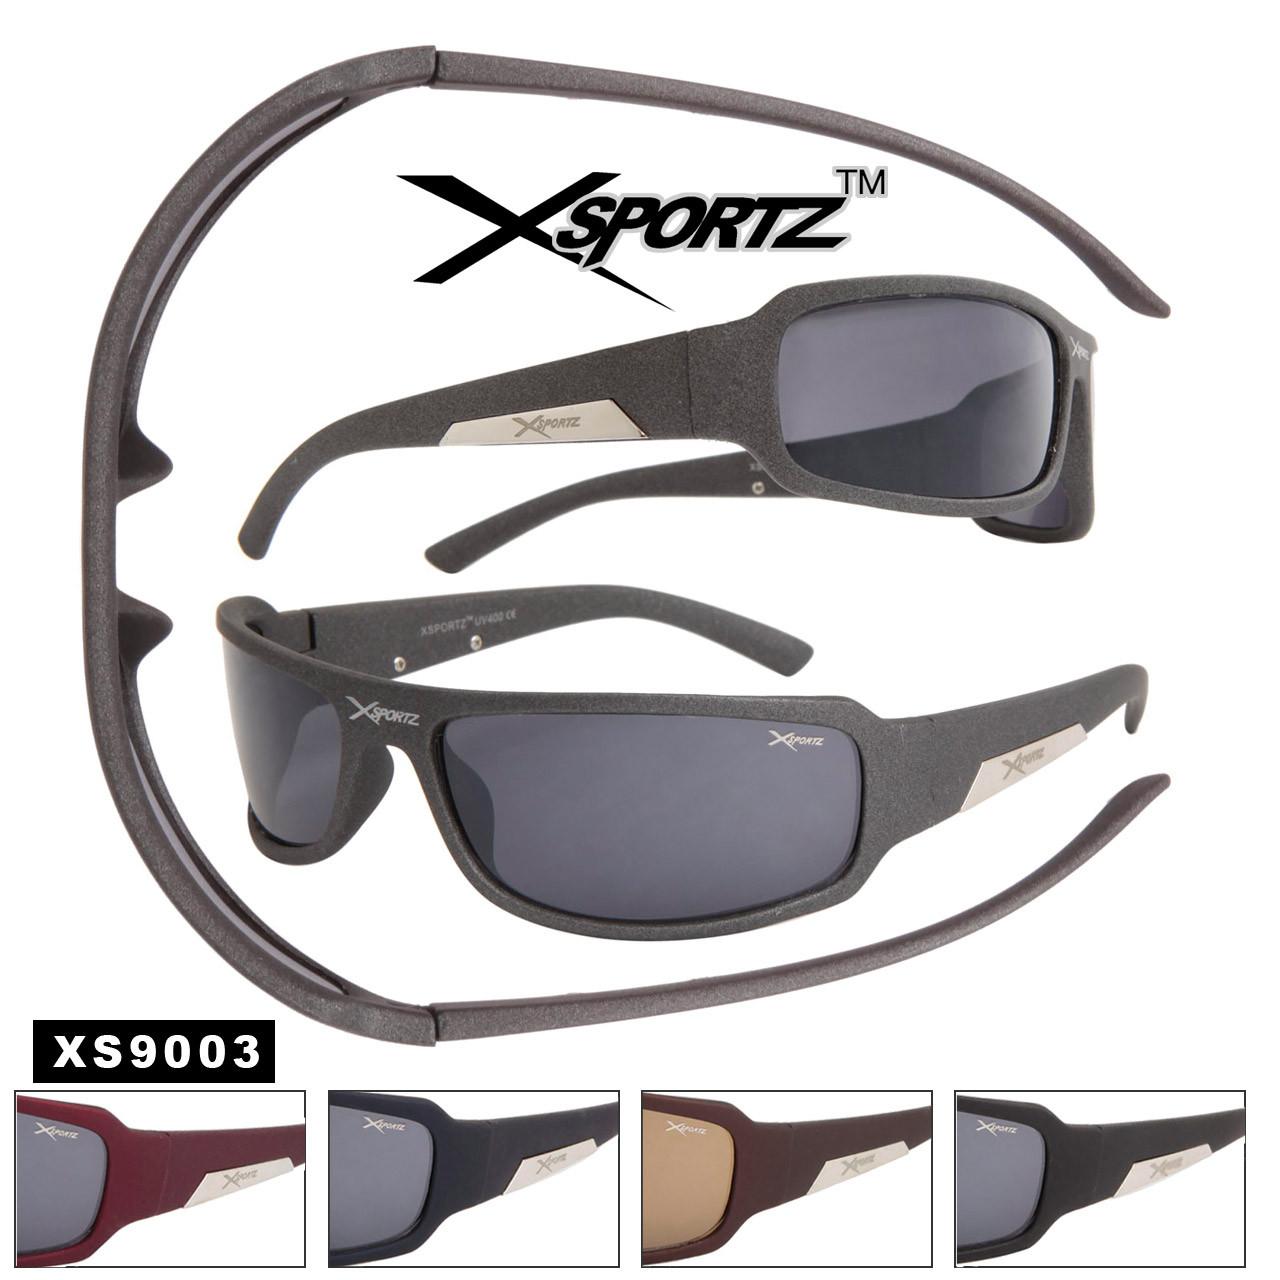 Sporty Sunglasses Xsportz XS9003